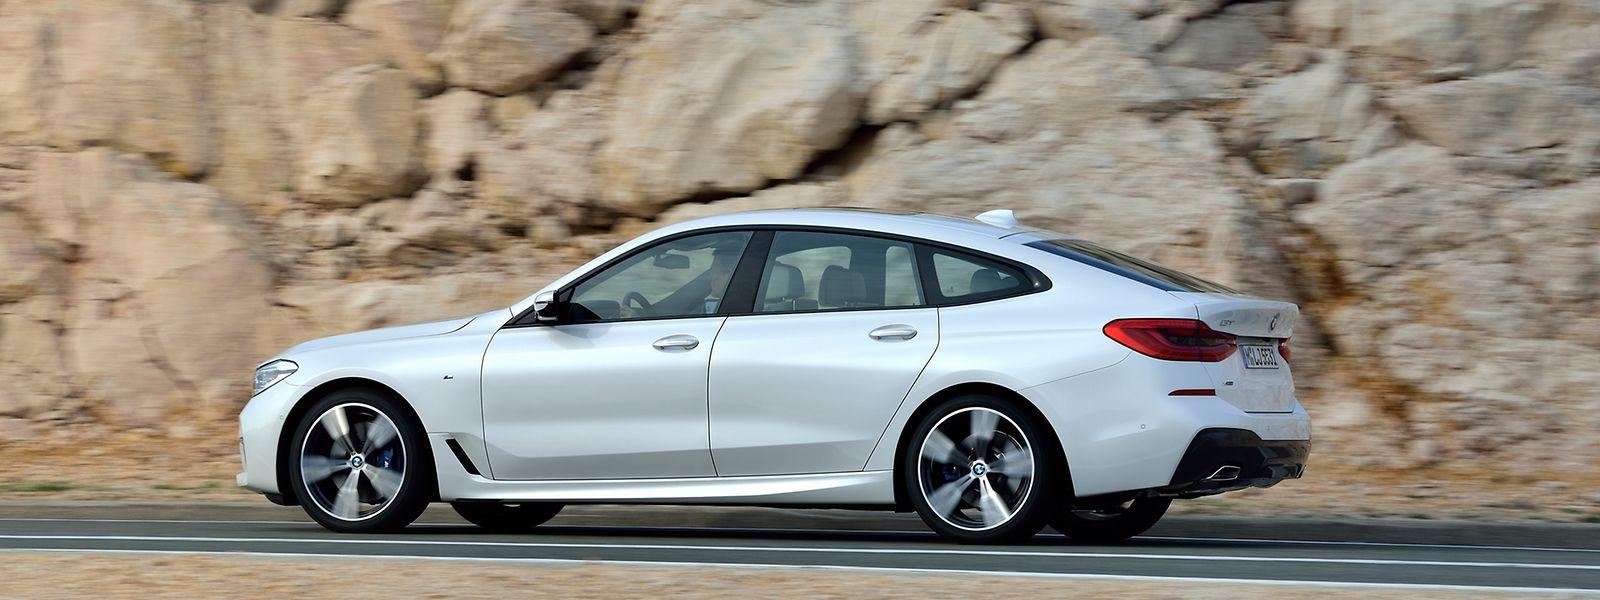 Der BMW 6er Gran Turismo wirkt trotz der fünf Meter Länge deutlich eleganter als sein Vorgänger.